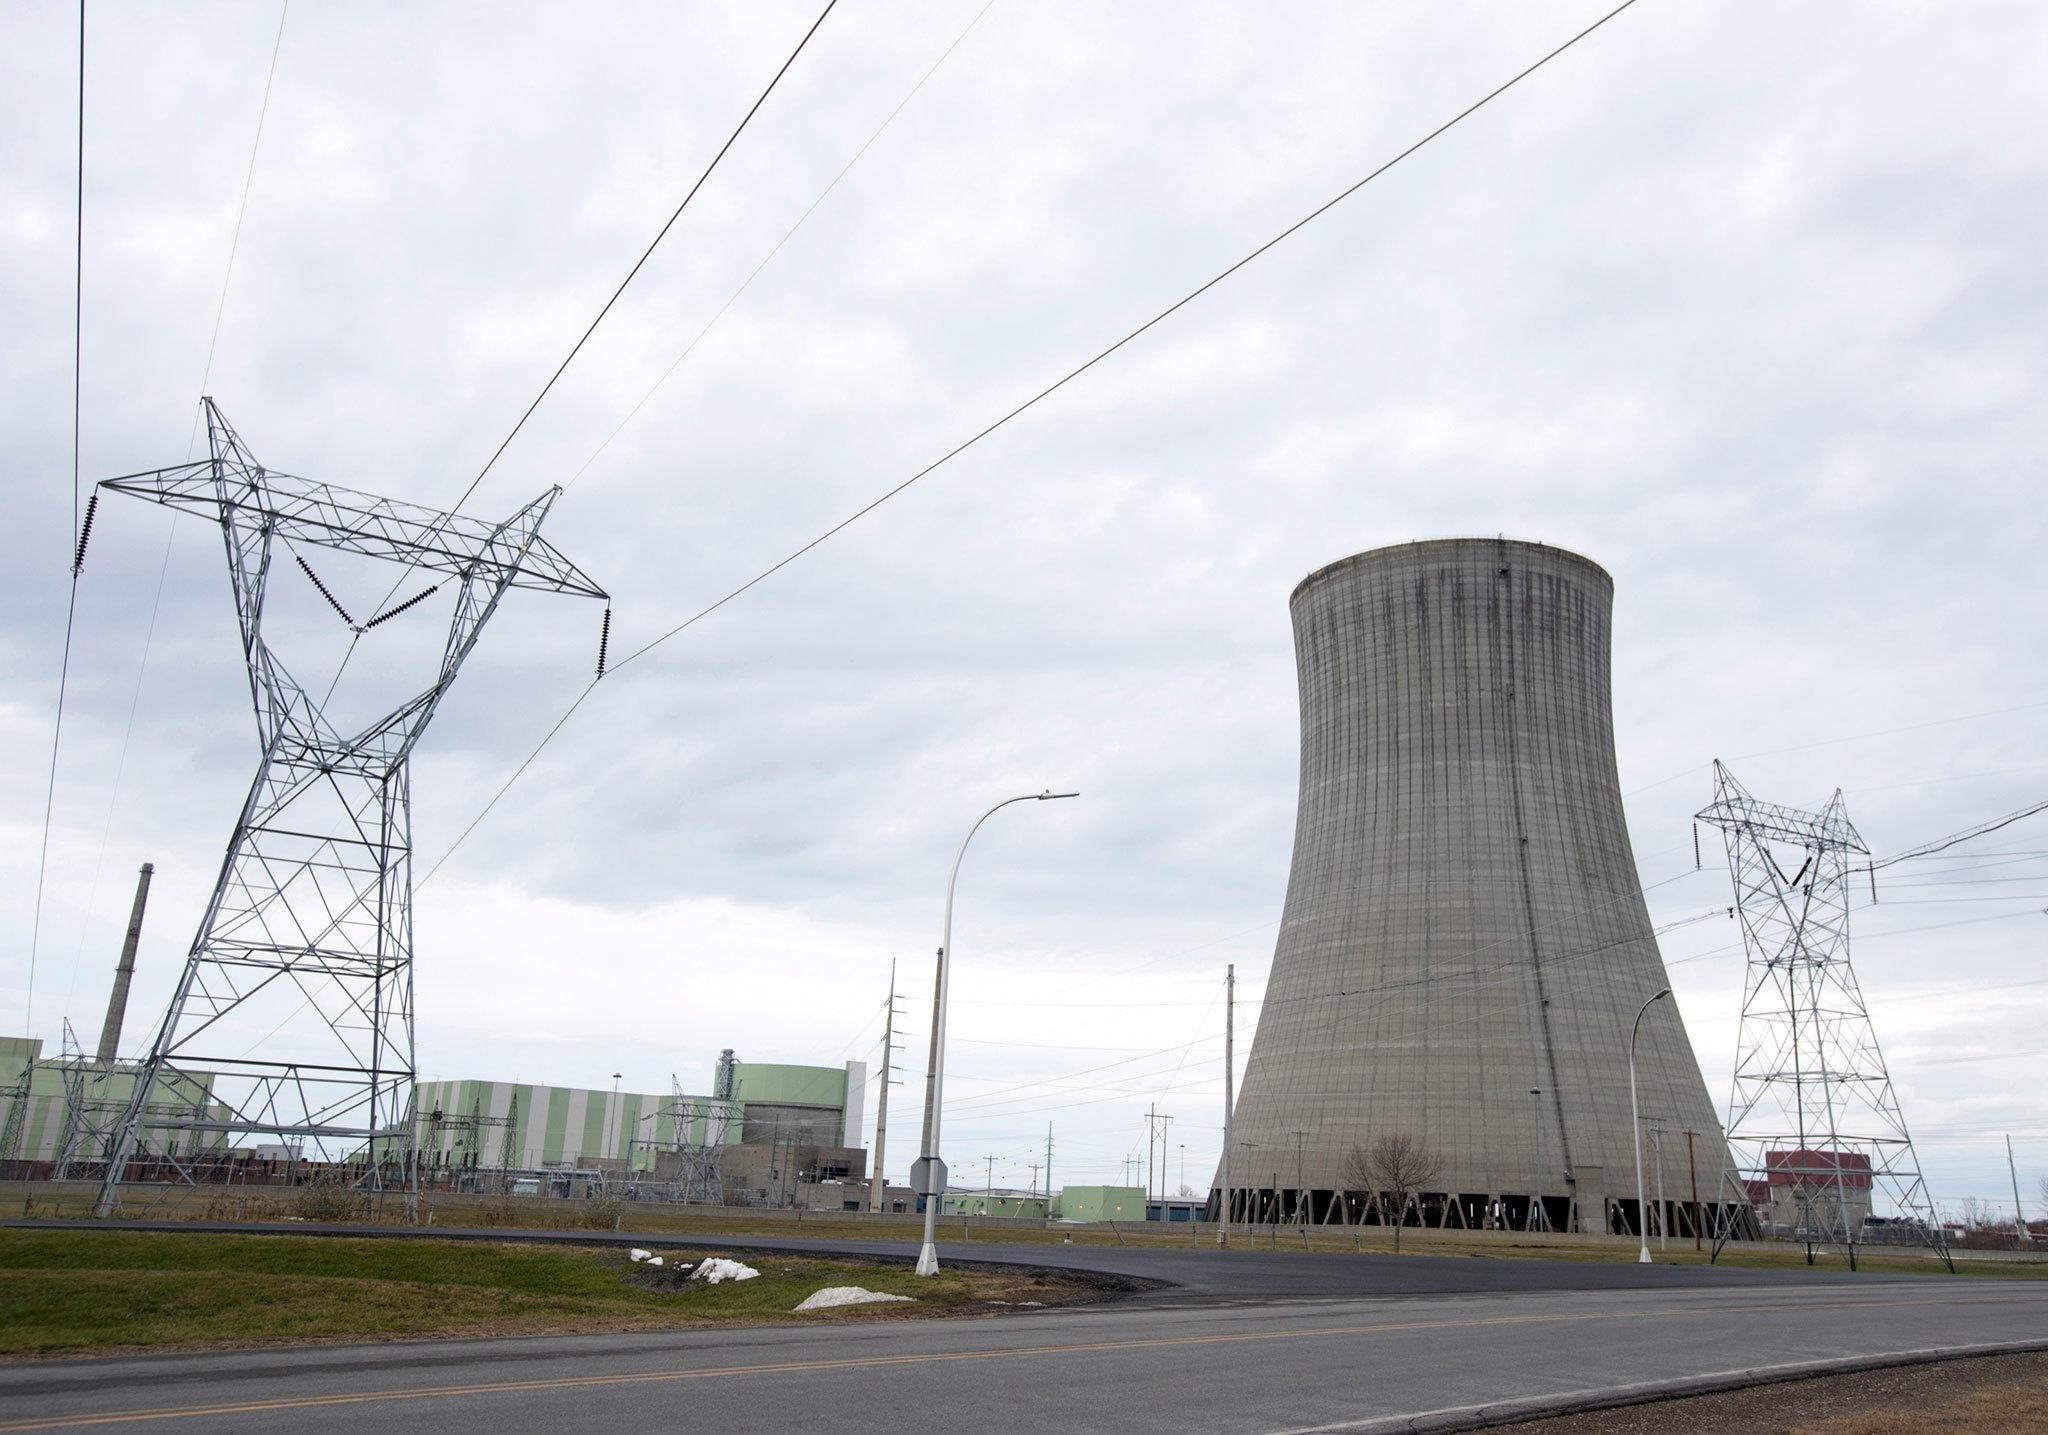 Нью-Йорк мужийн цахилгаан станцууд 2020 оноос нүүрс ашиглахаа зогсооно